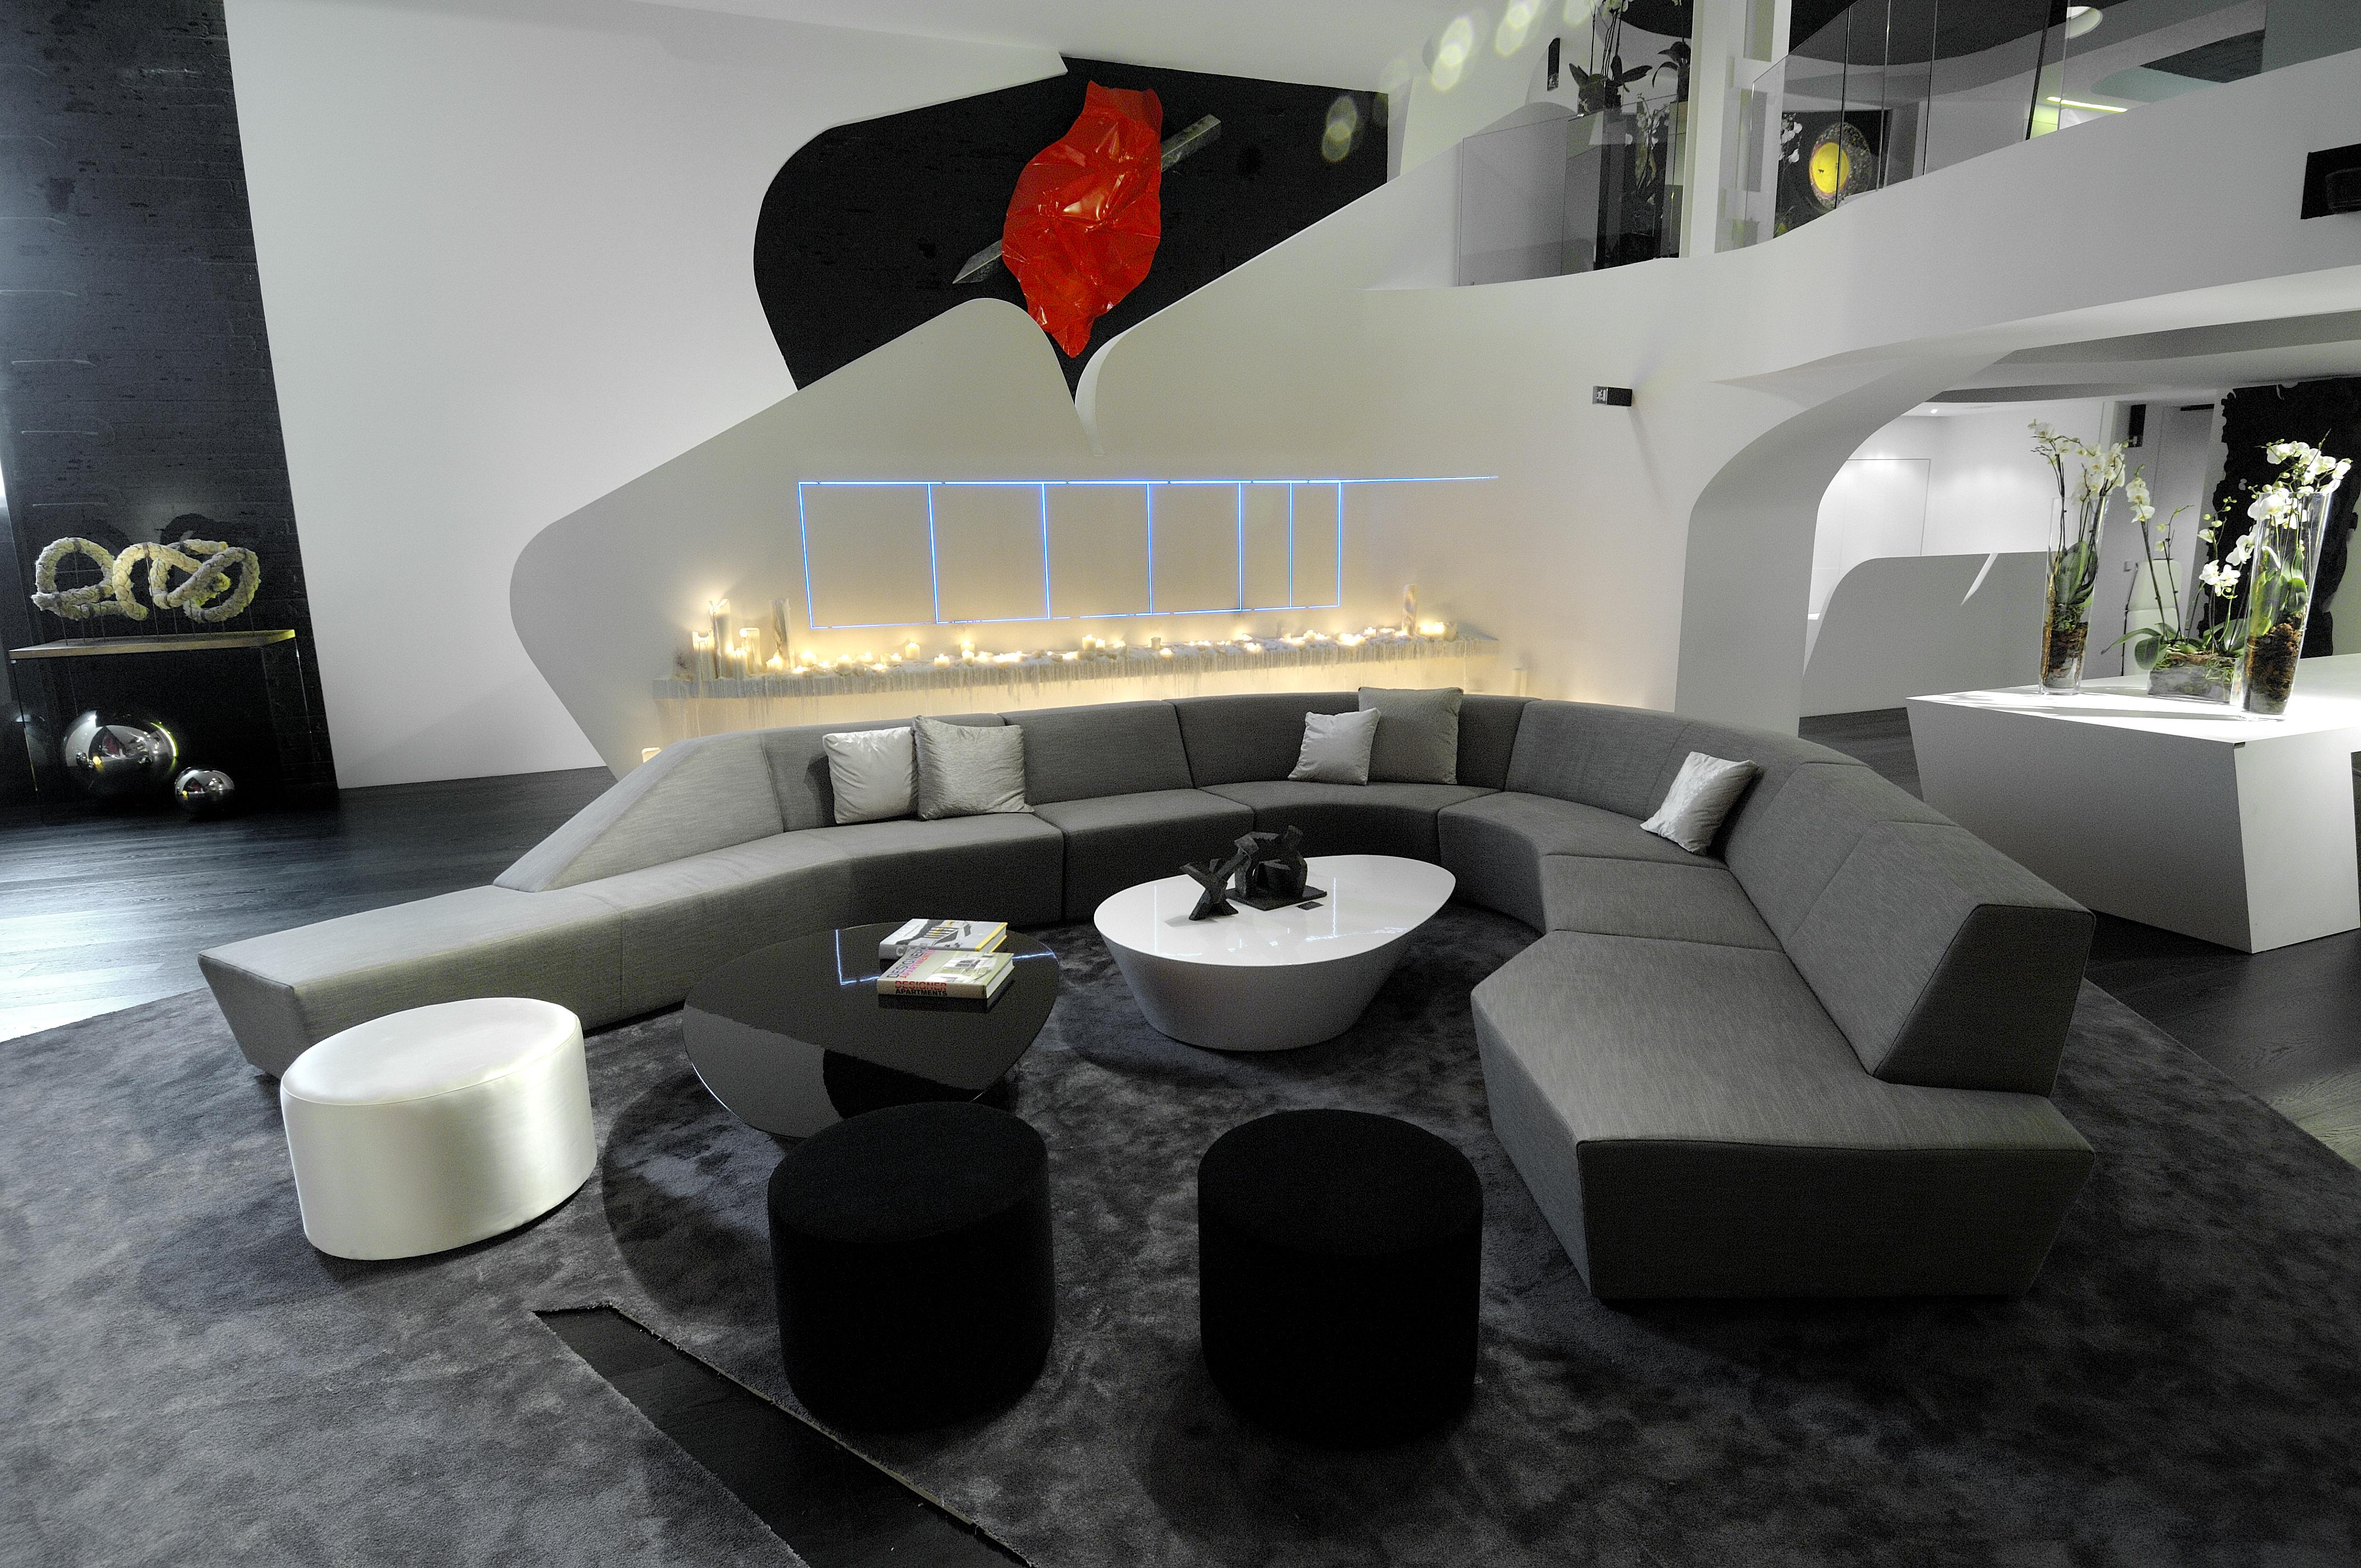 A cero in arte en el interiorismo escaparate del dise o - Salones joaquin torres ...